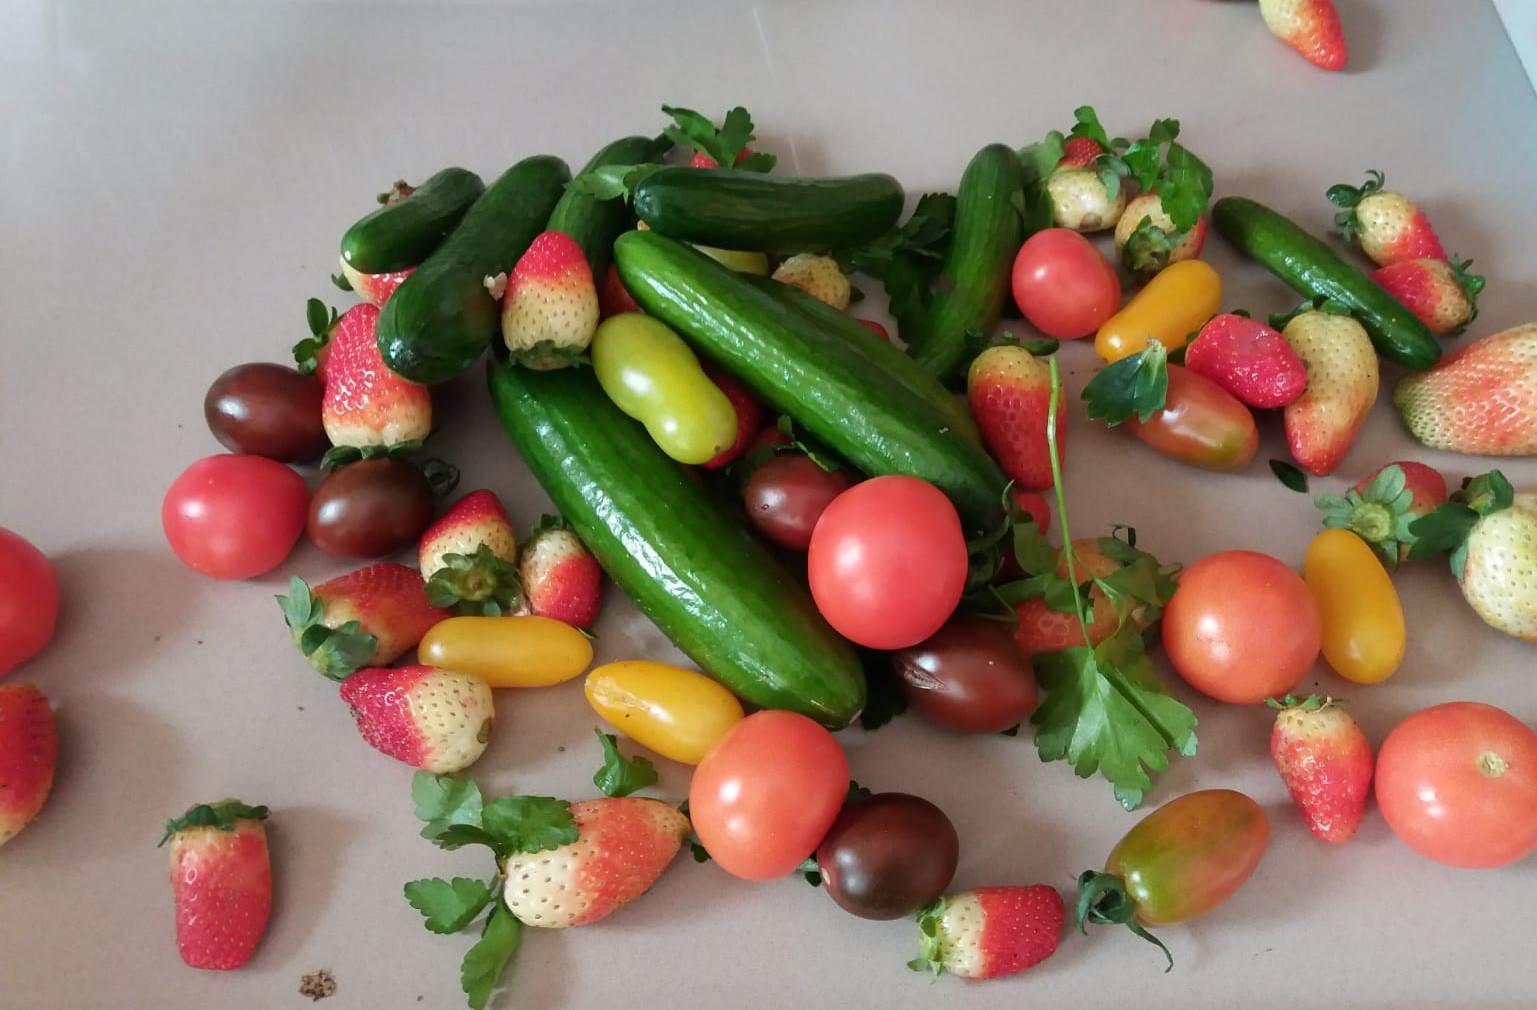 """Этот урожай был собран корреспондентом """"Вестей"""" лично в одном из хозяйств. Фото: Анастасия Тадсон"""